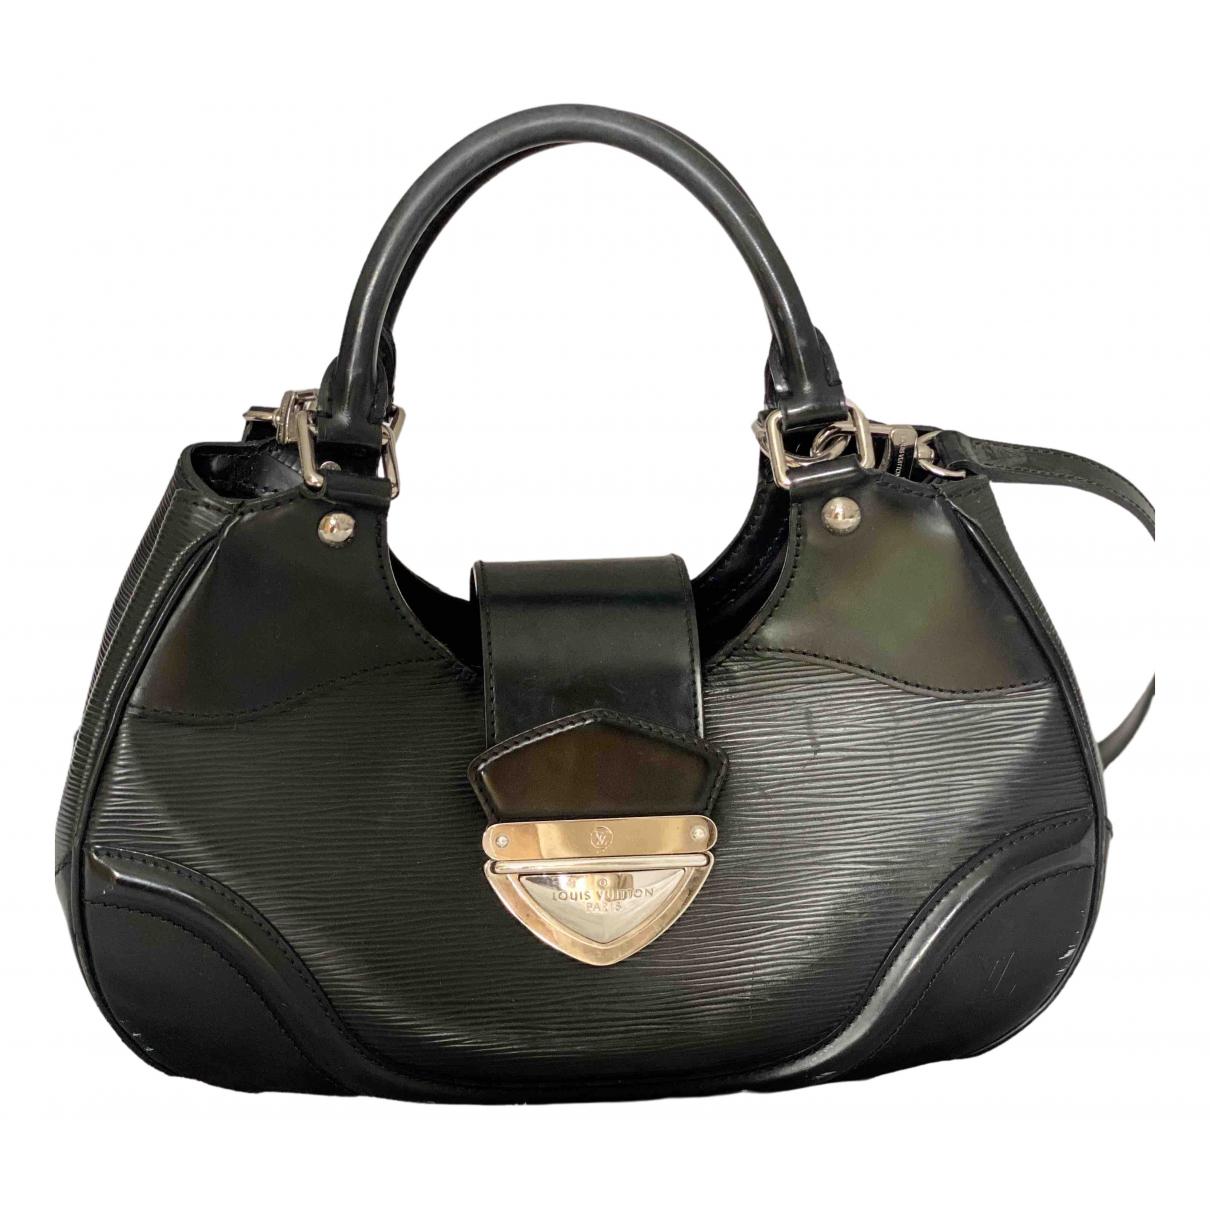 Louis Vuitton Beverly Handtasche in  Schwarz Leder